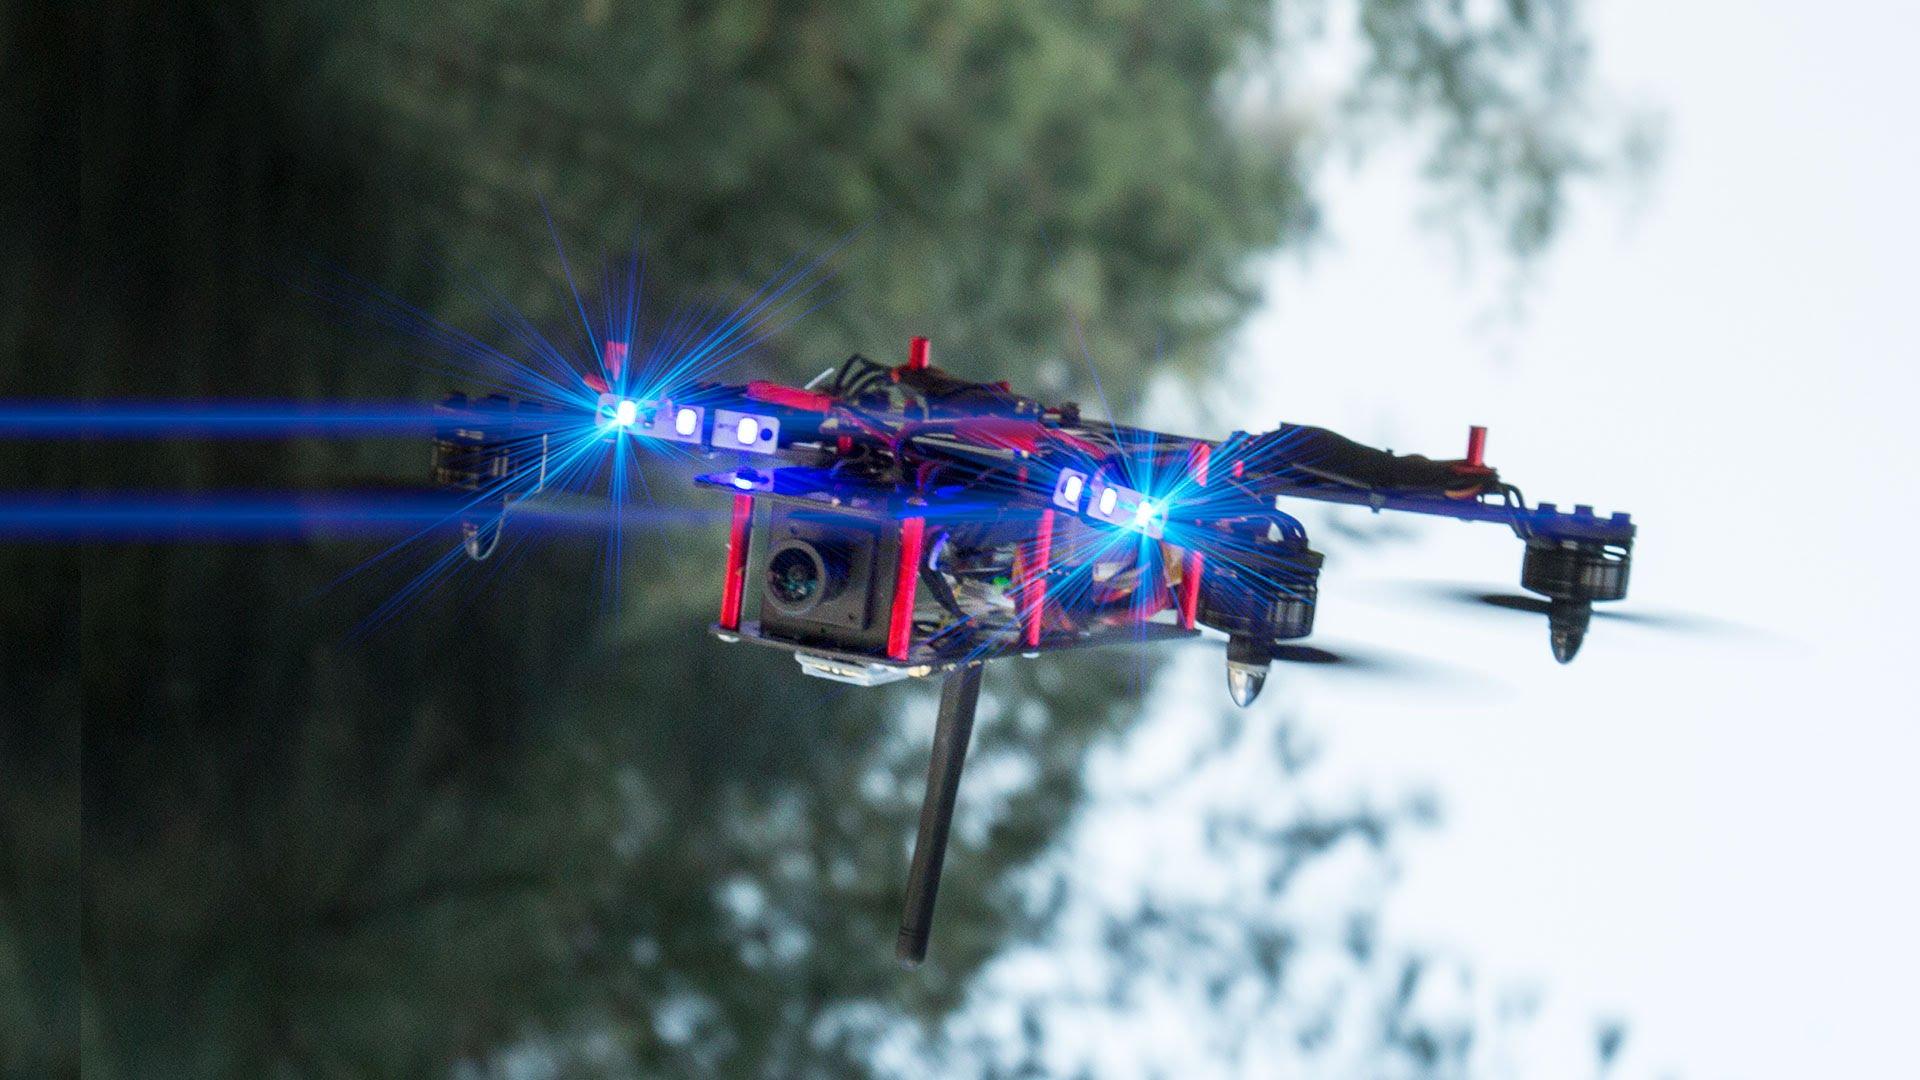 Corrida de drone ESPN o futuro é mac pedro topete